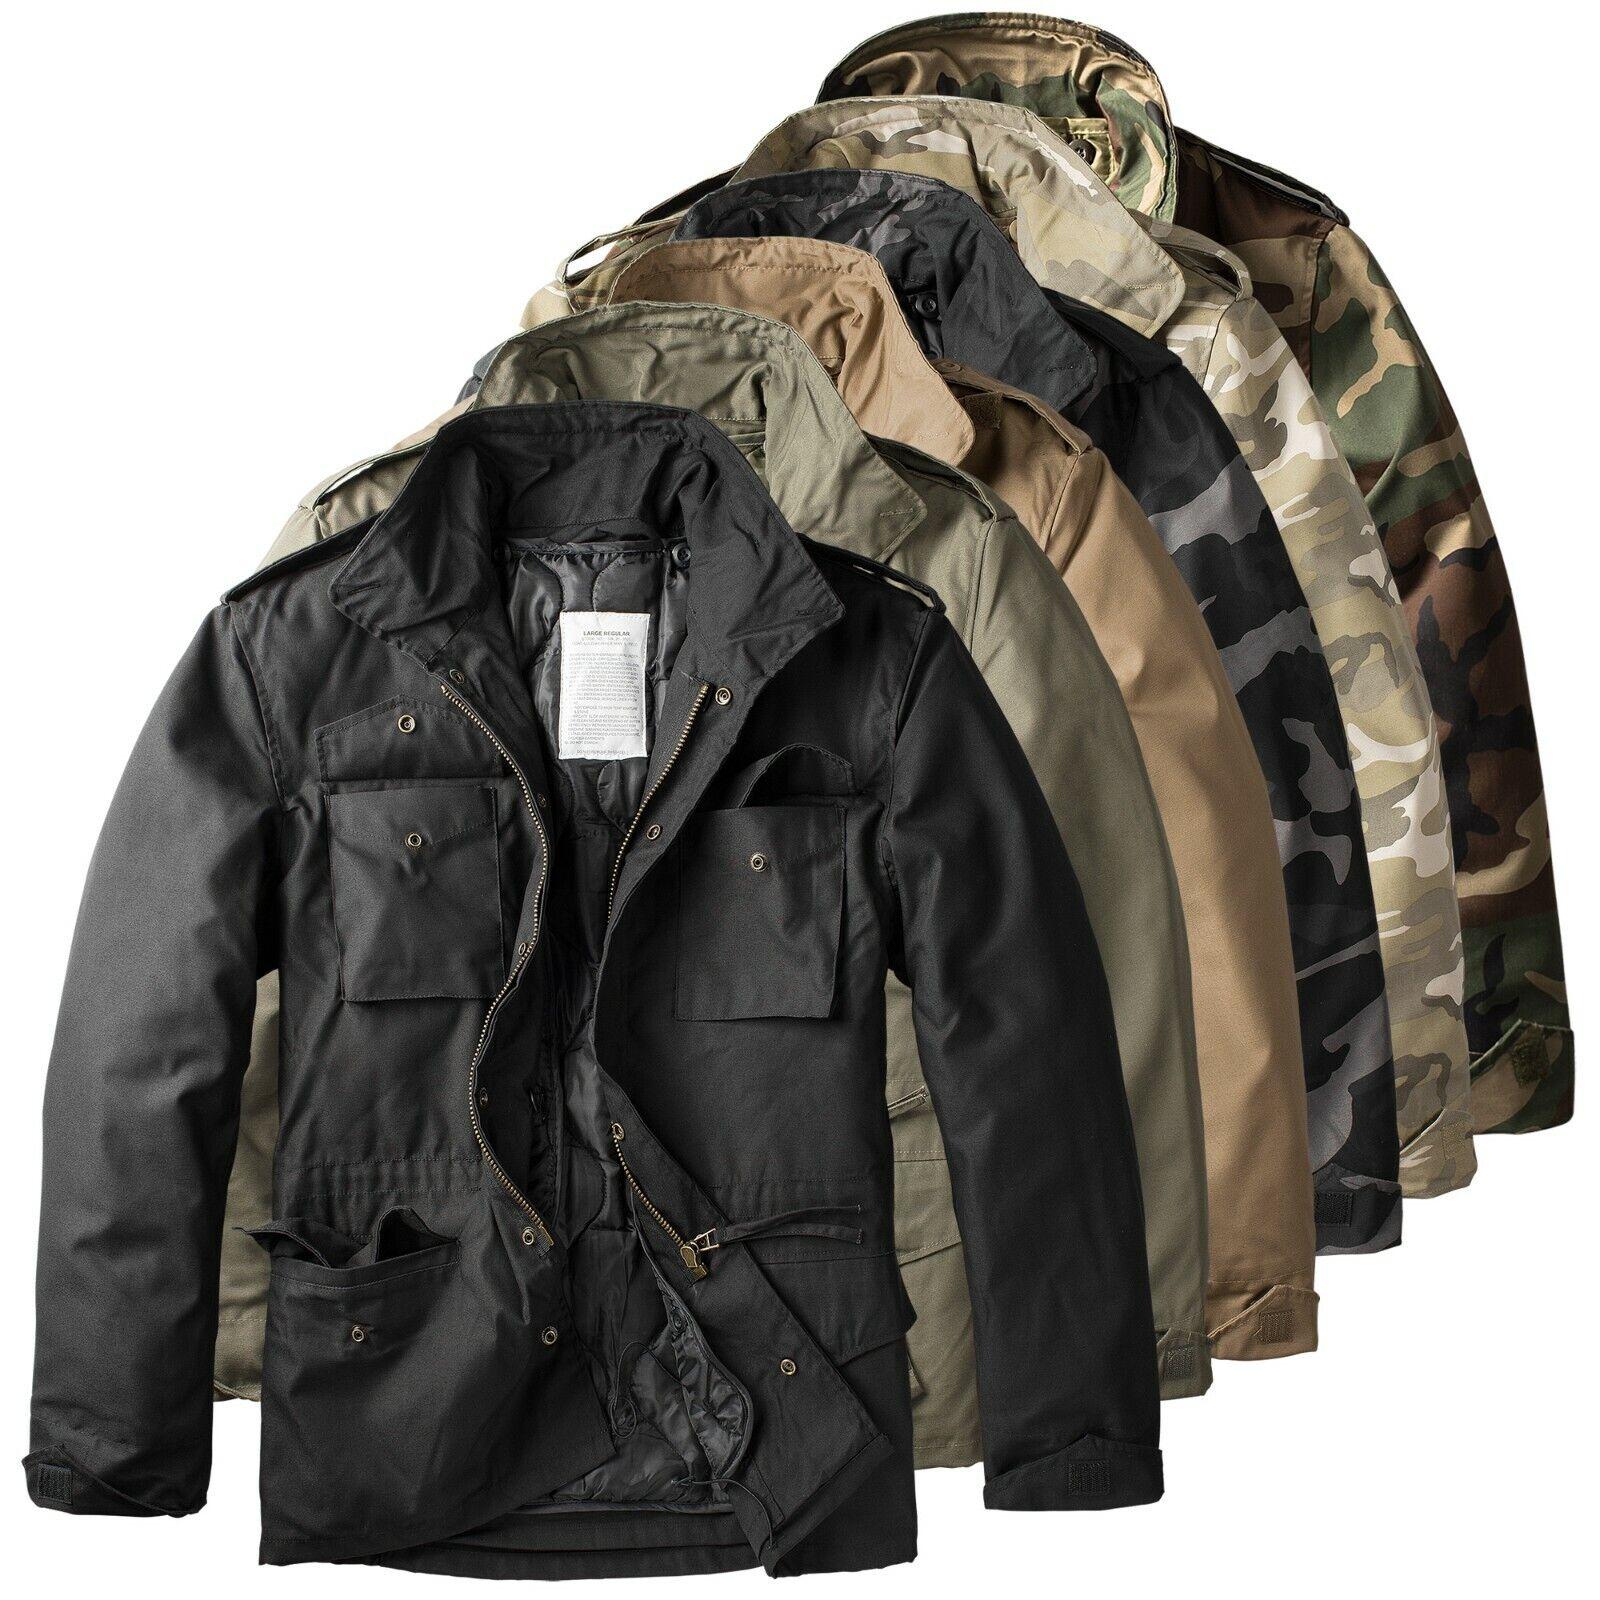 Trooper Raw Vintage M65 Herren Winter Jacke Fieldjacket